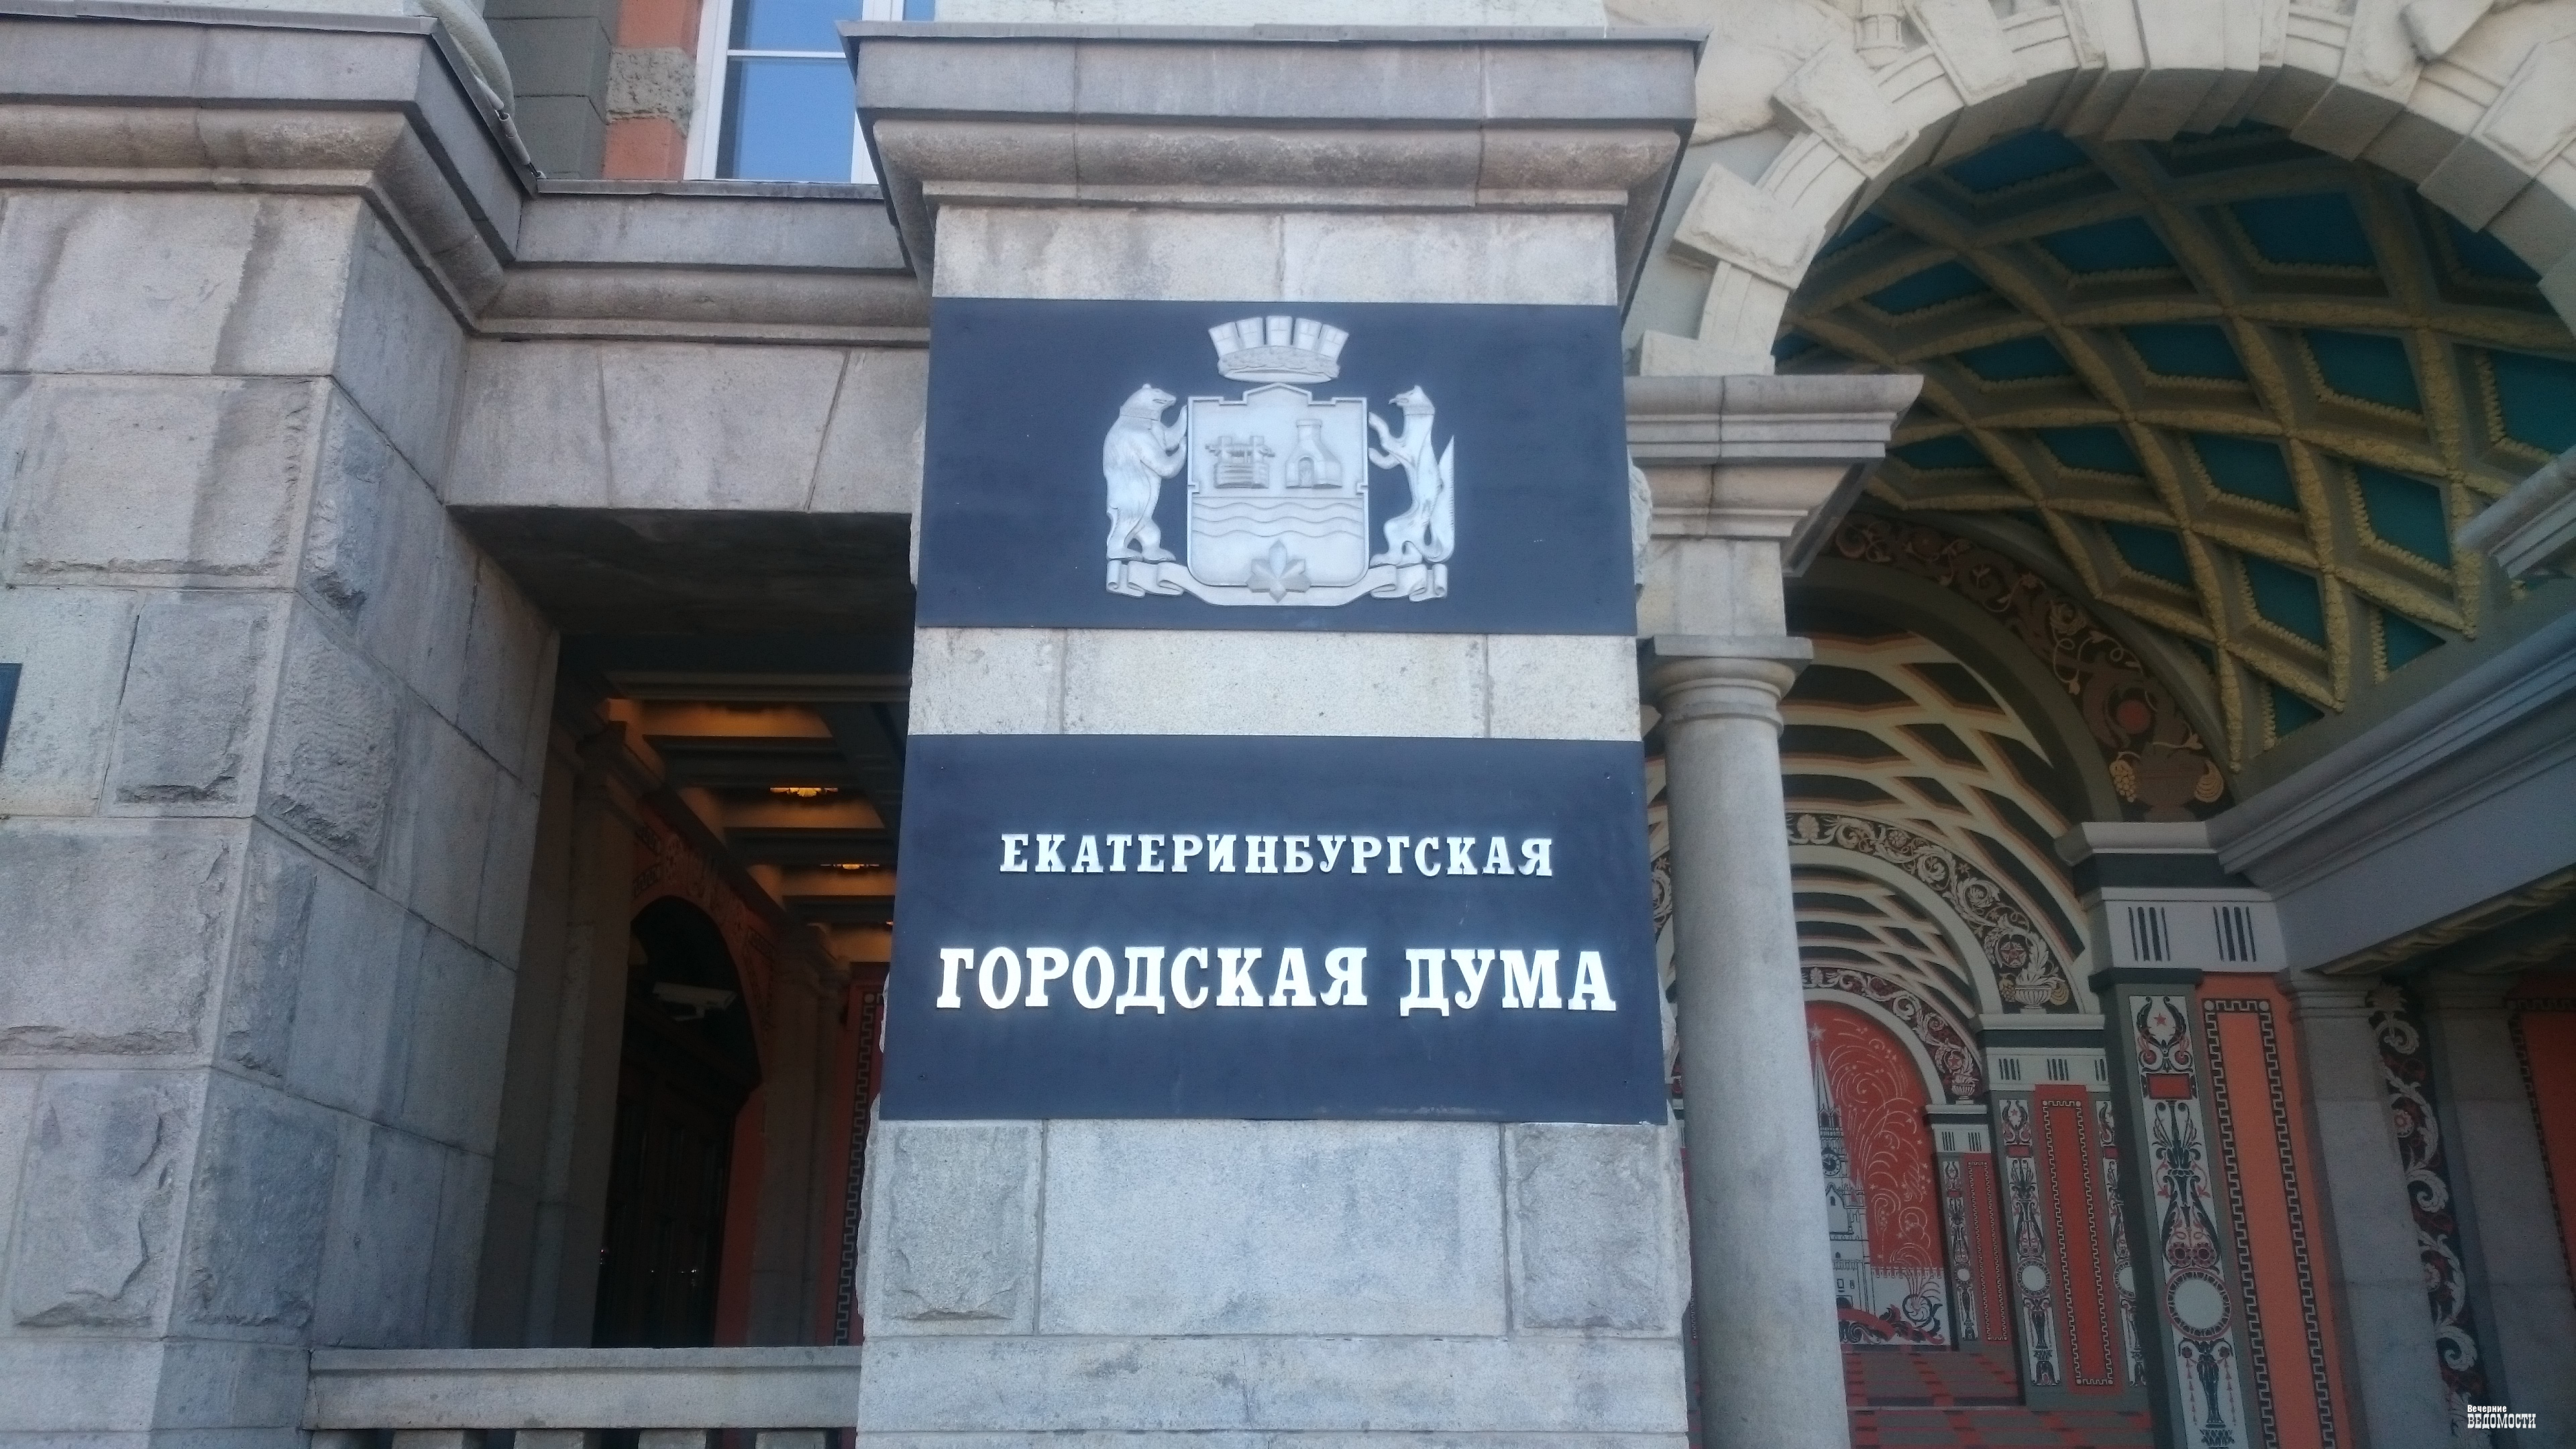 Квыборам вгордуму Екатеринбурга напечатают неменее 1,5 млн. бюллетеней